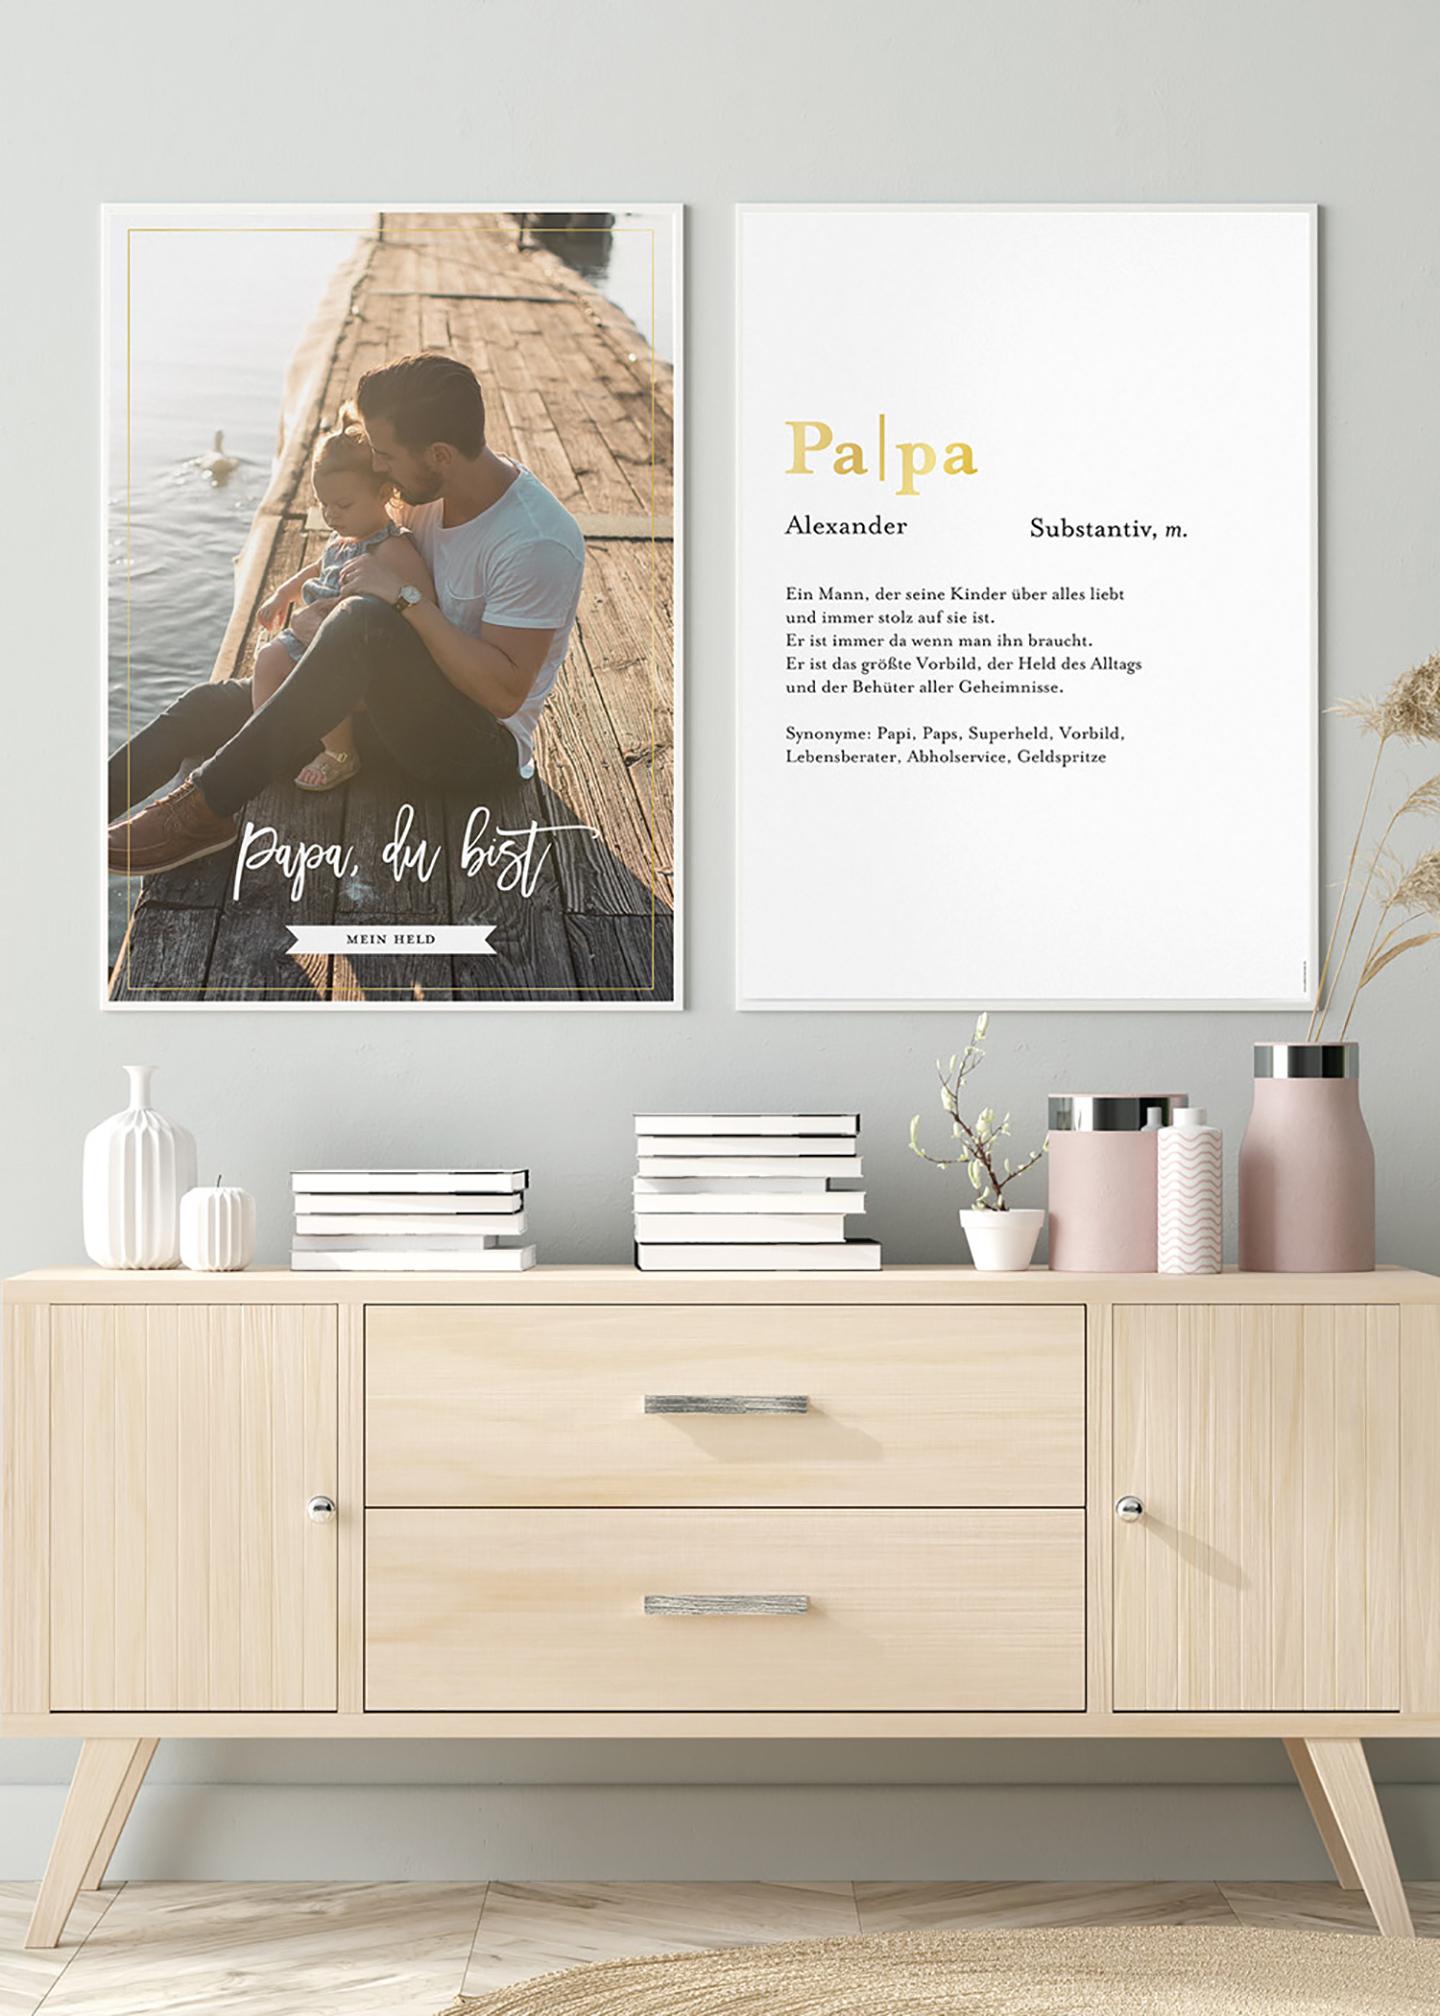 Zwei wunderschöne Poster mit Bild von Vater und Kind sowie einem Spruch hängen über einer Kommode an der Wand.